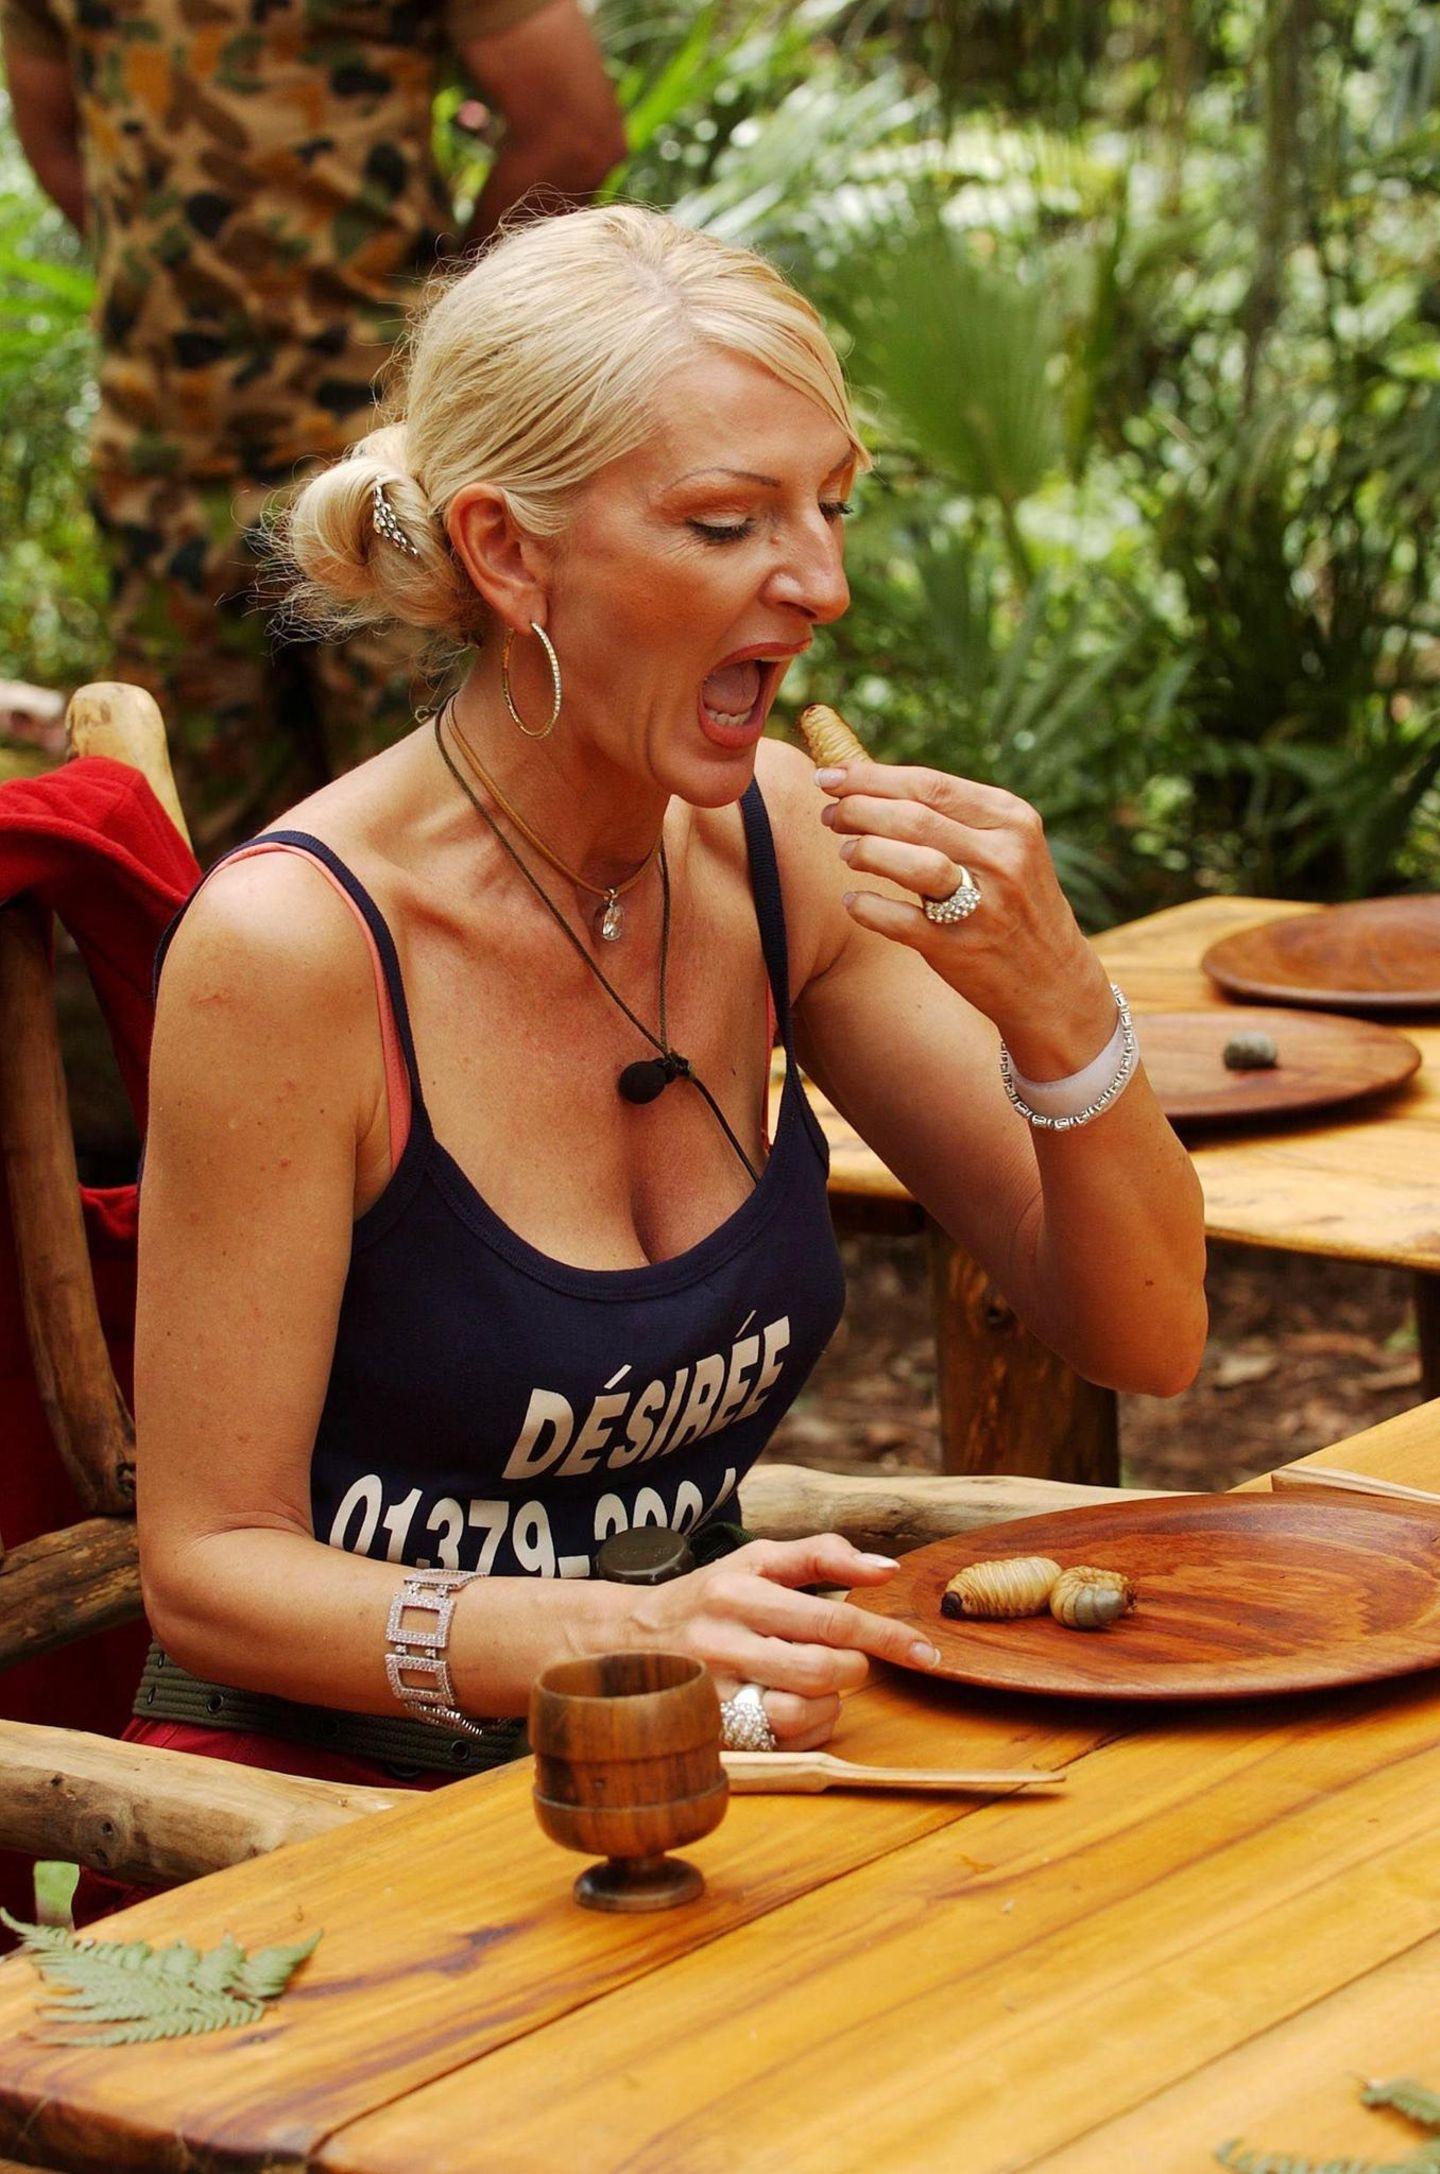 Dschungelcamp: Désirée Nick beim Essen